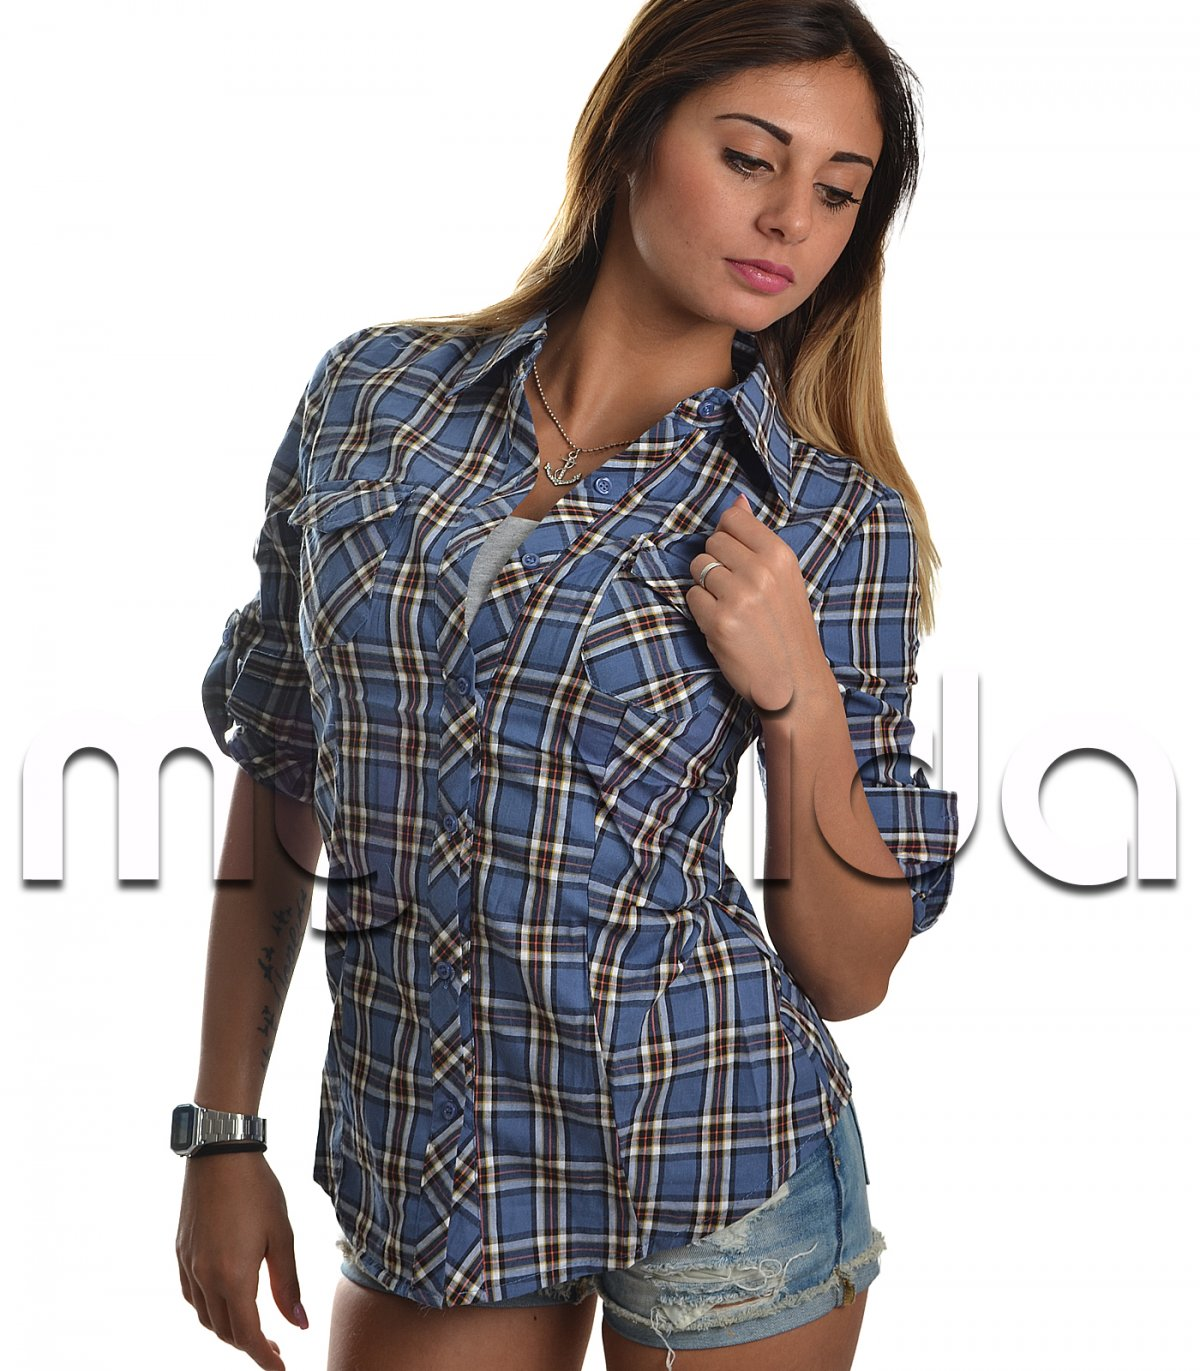 molto carino d5a12 12d3d Camicia sexy donna | My Vida